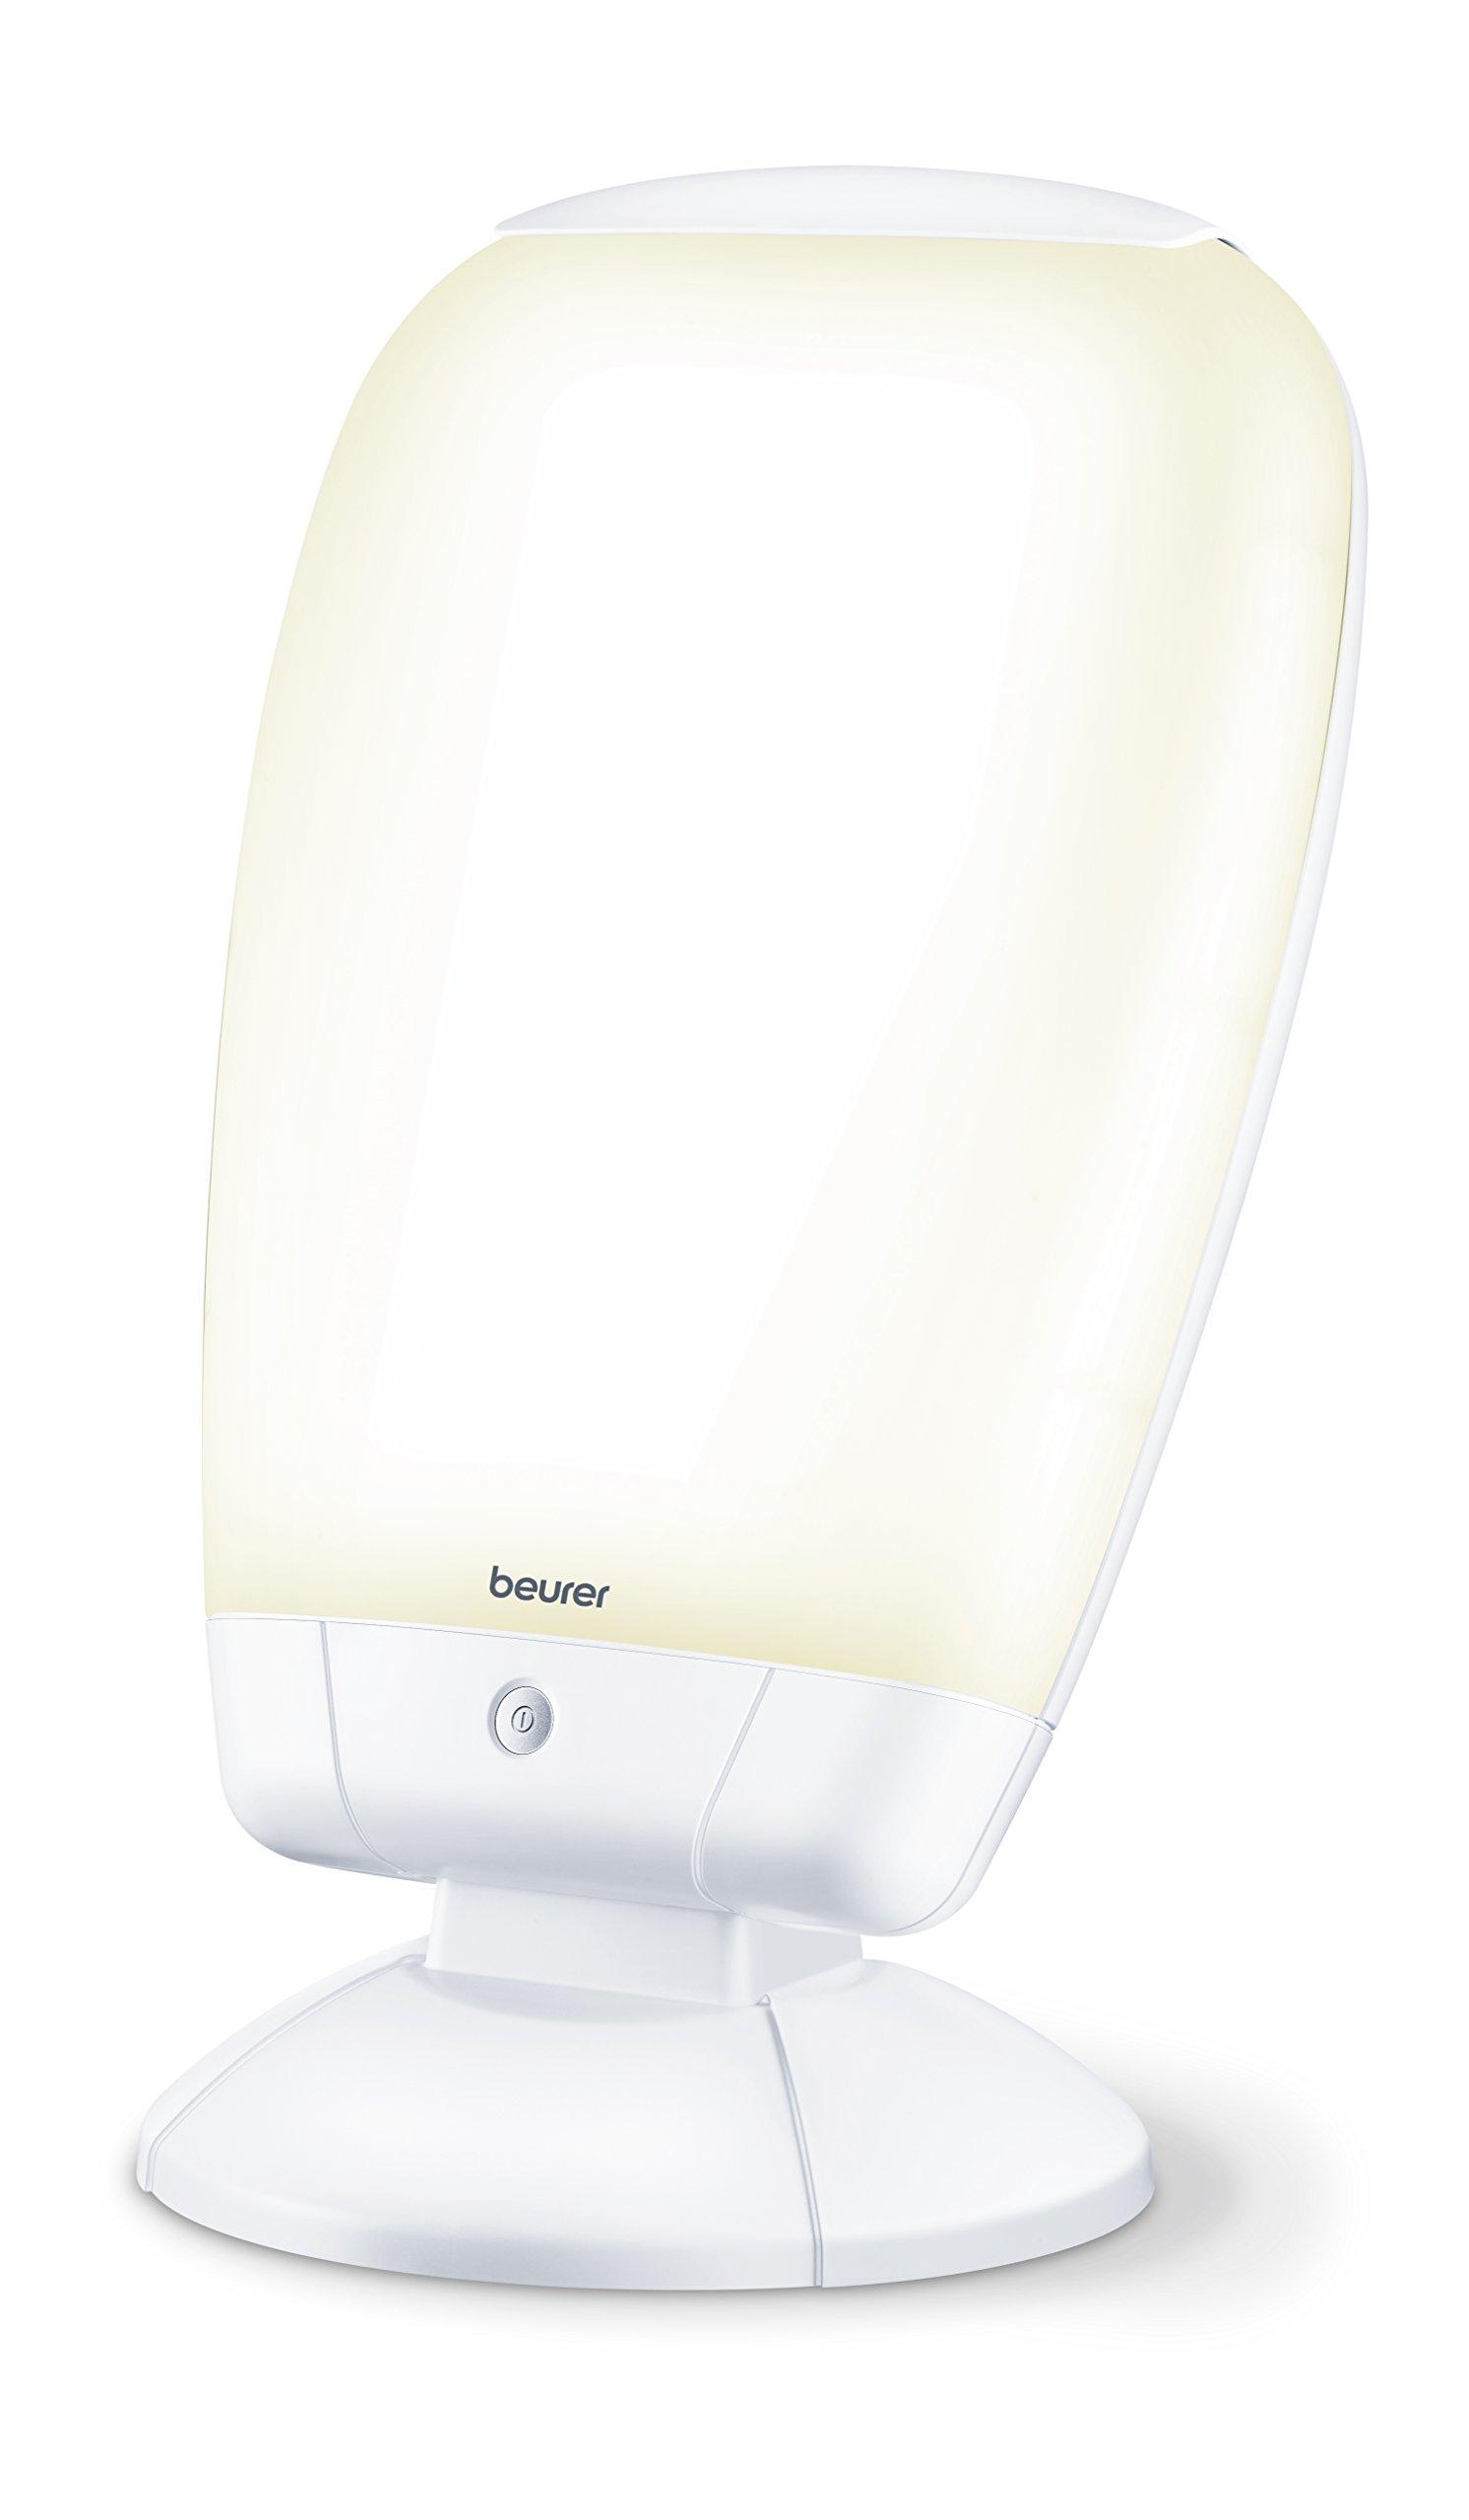 Beurer TL 80 Tageslichtlampe, Tageslicht-Simulation, stufenlose Neigungsverstellung product image